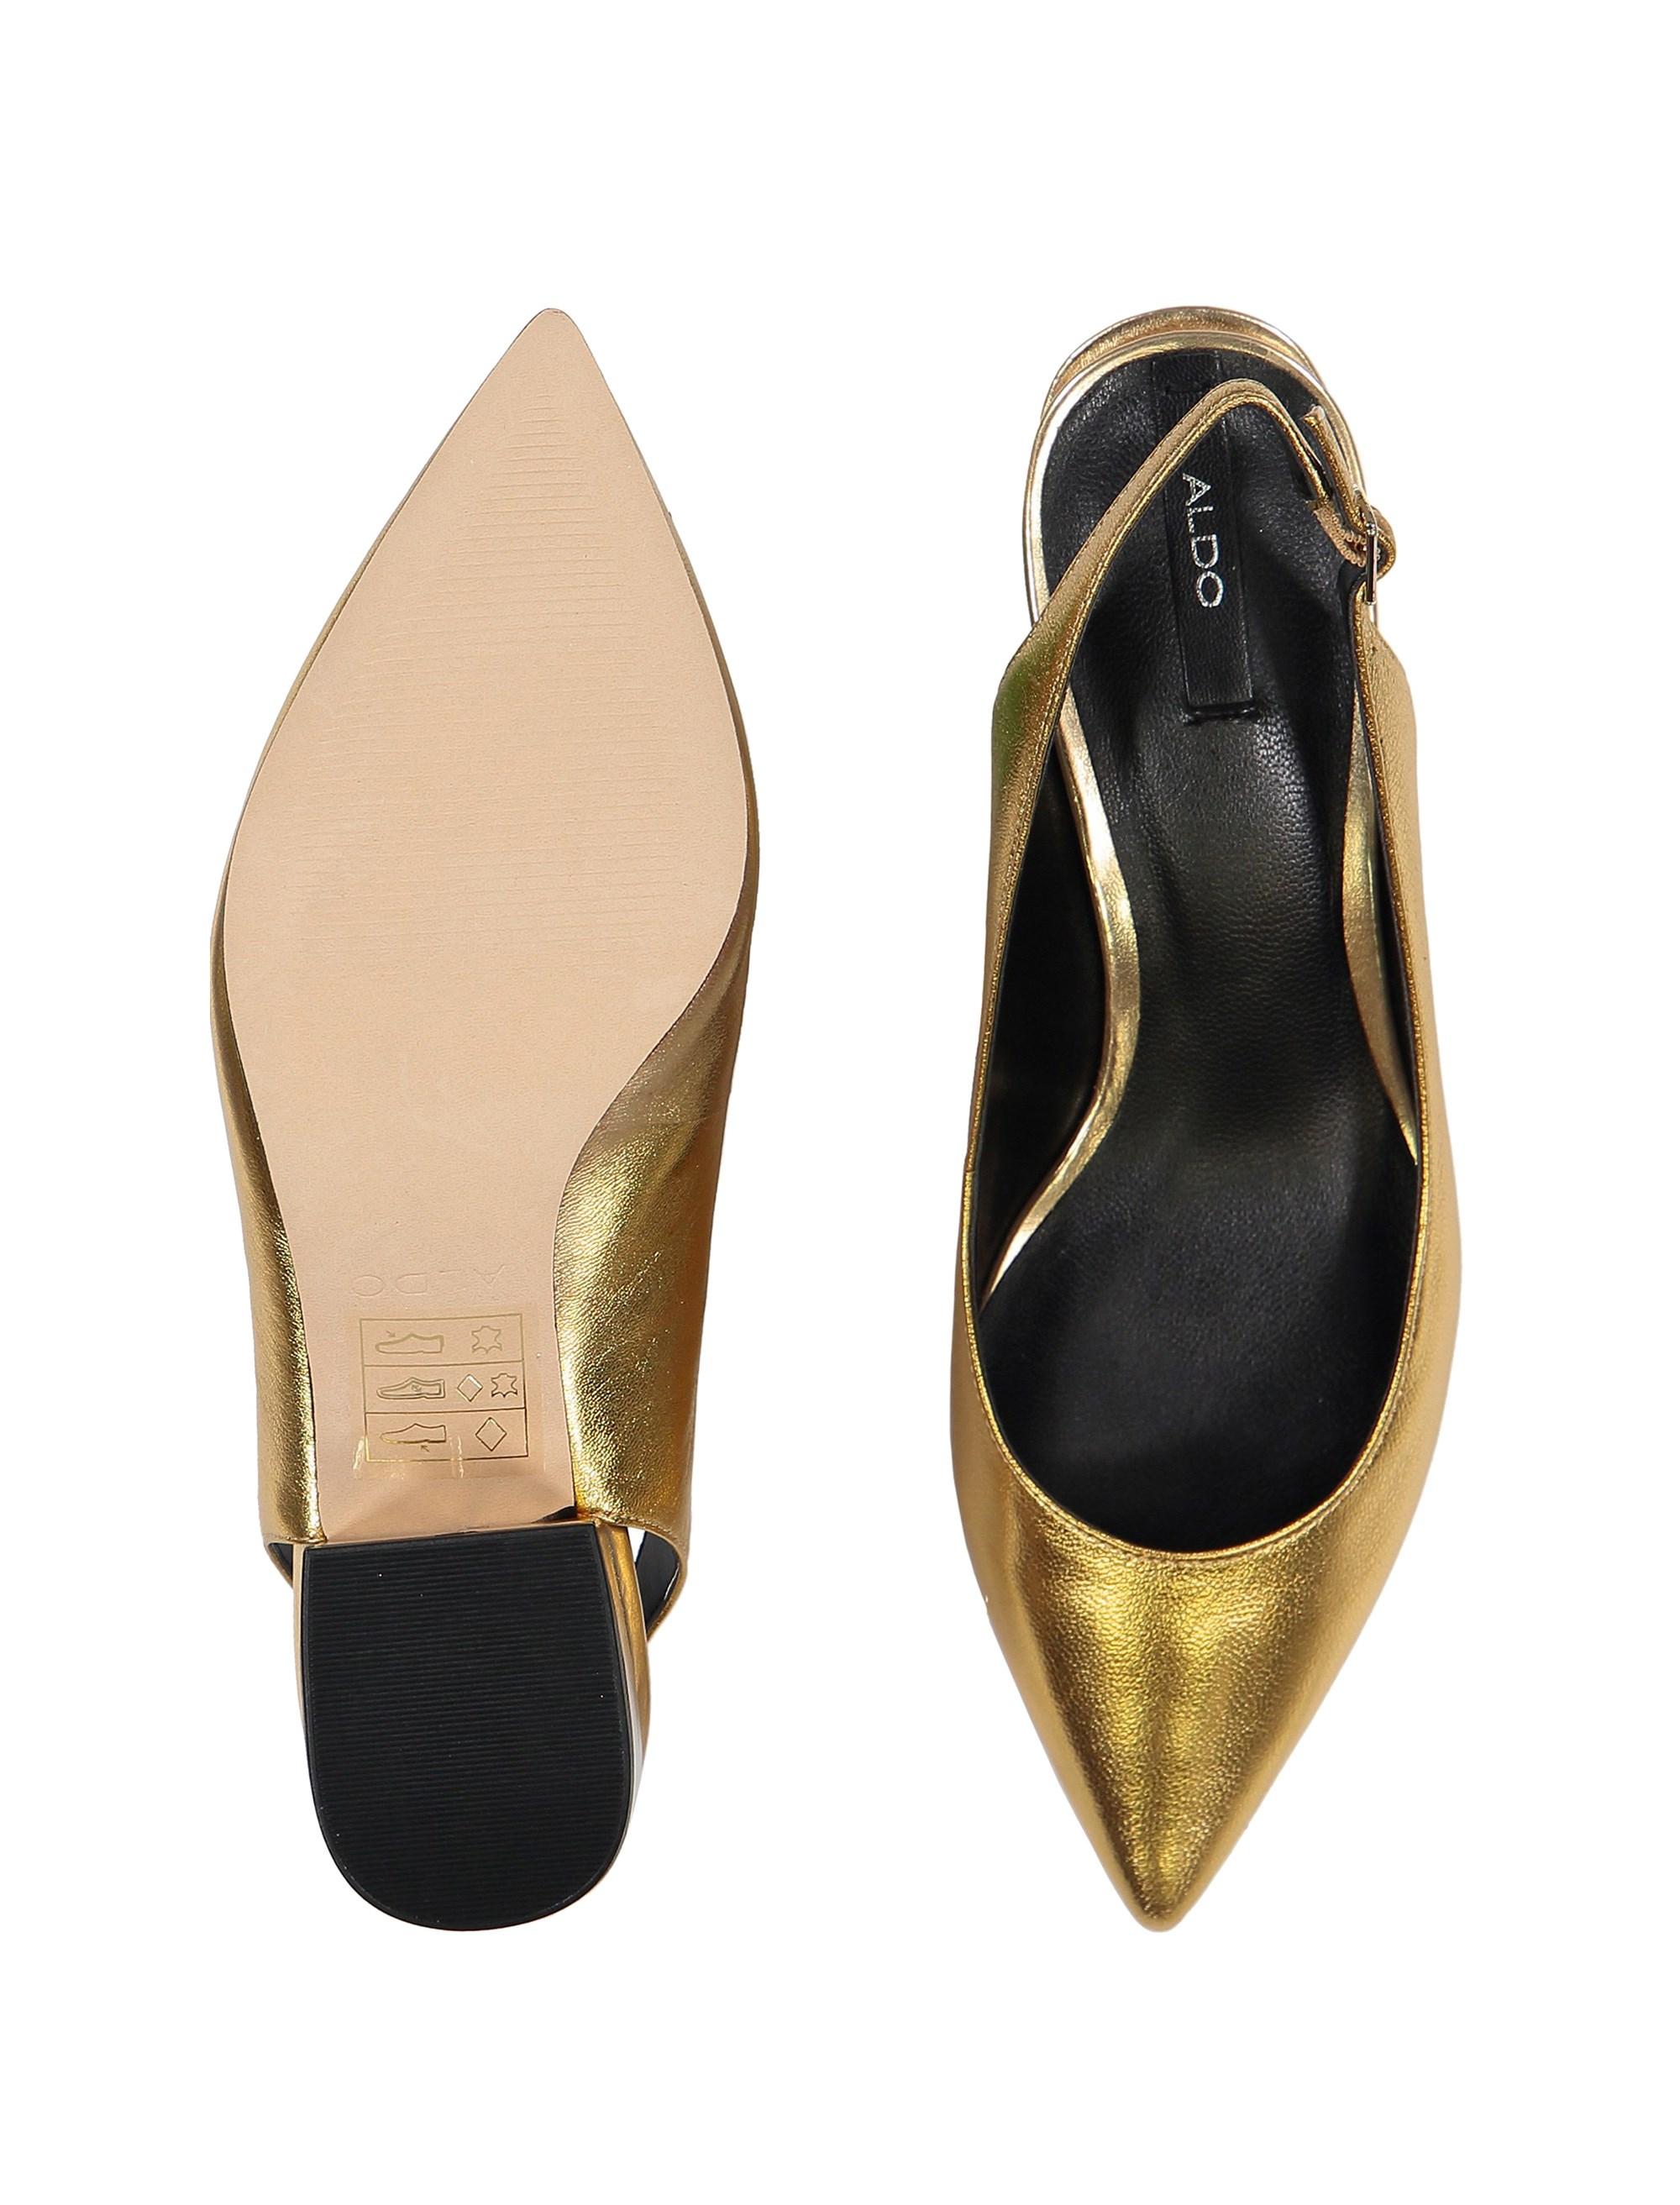 کفش پاشنه بلند چرم زنانه - آلدو - طلايي - 1